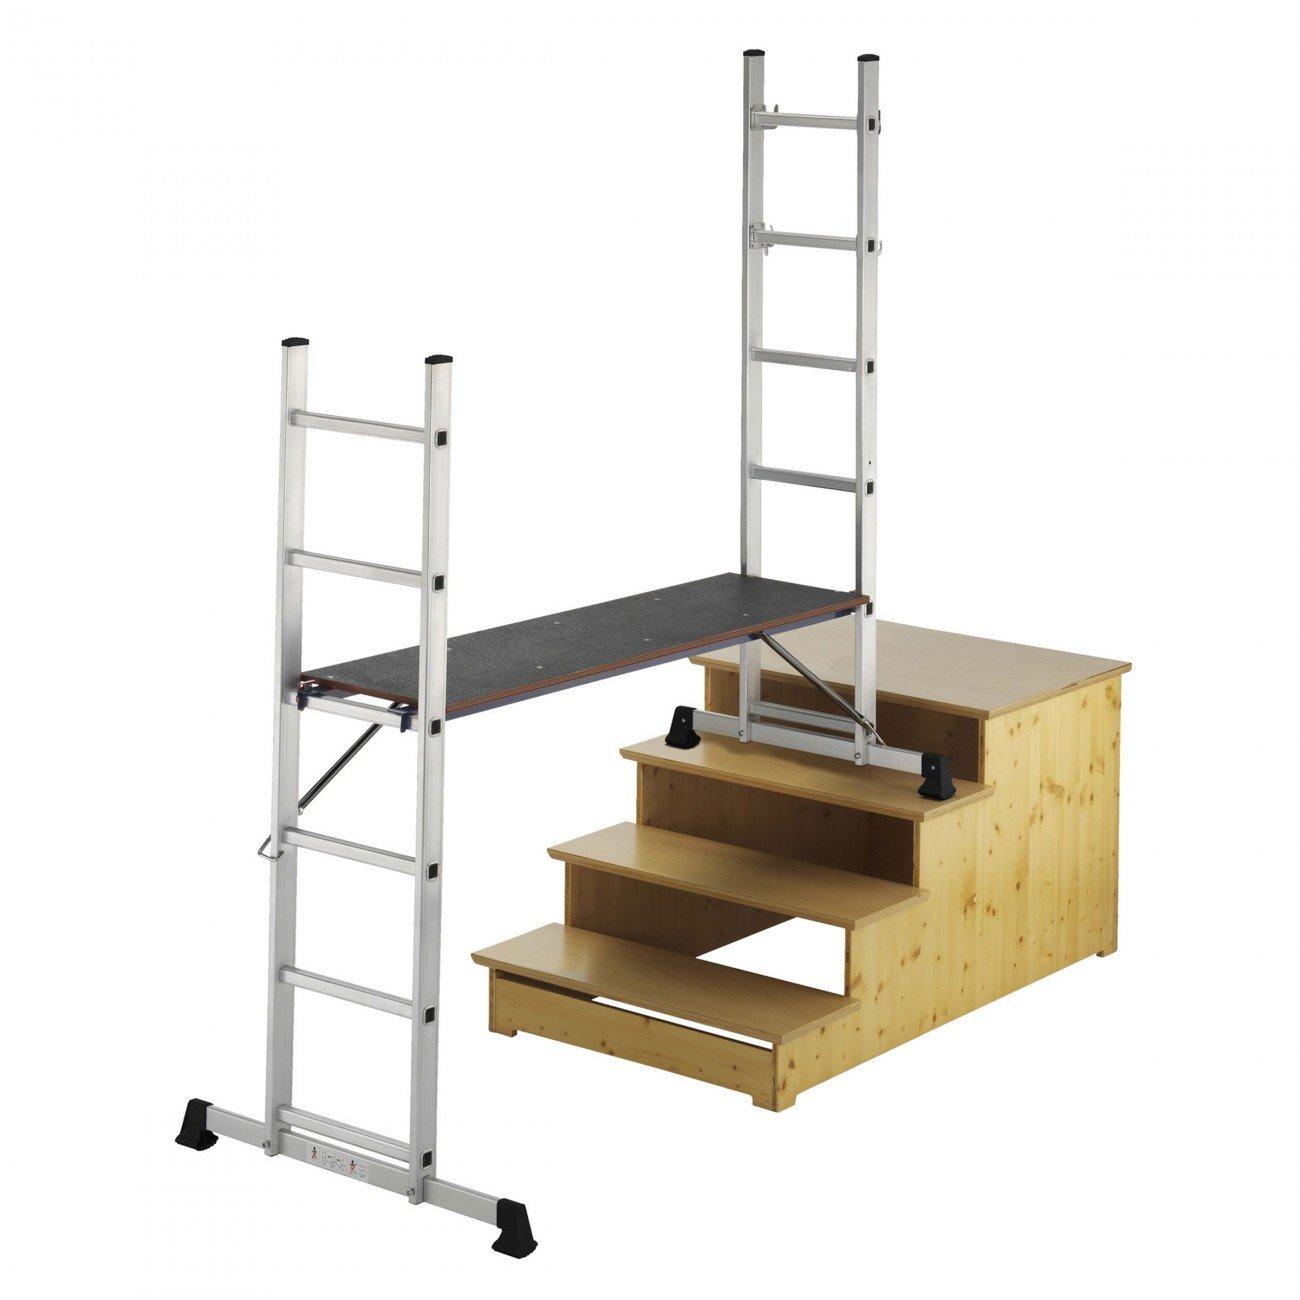 MAXCRAFT Plataforma de Trabajo Multipropó sito Escalerilla Escalera Combinació n de Aluminio y Andamio Peldañ os Escala Plegable